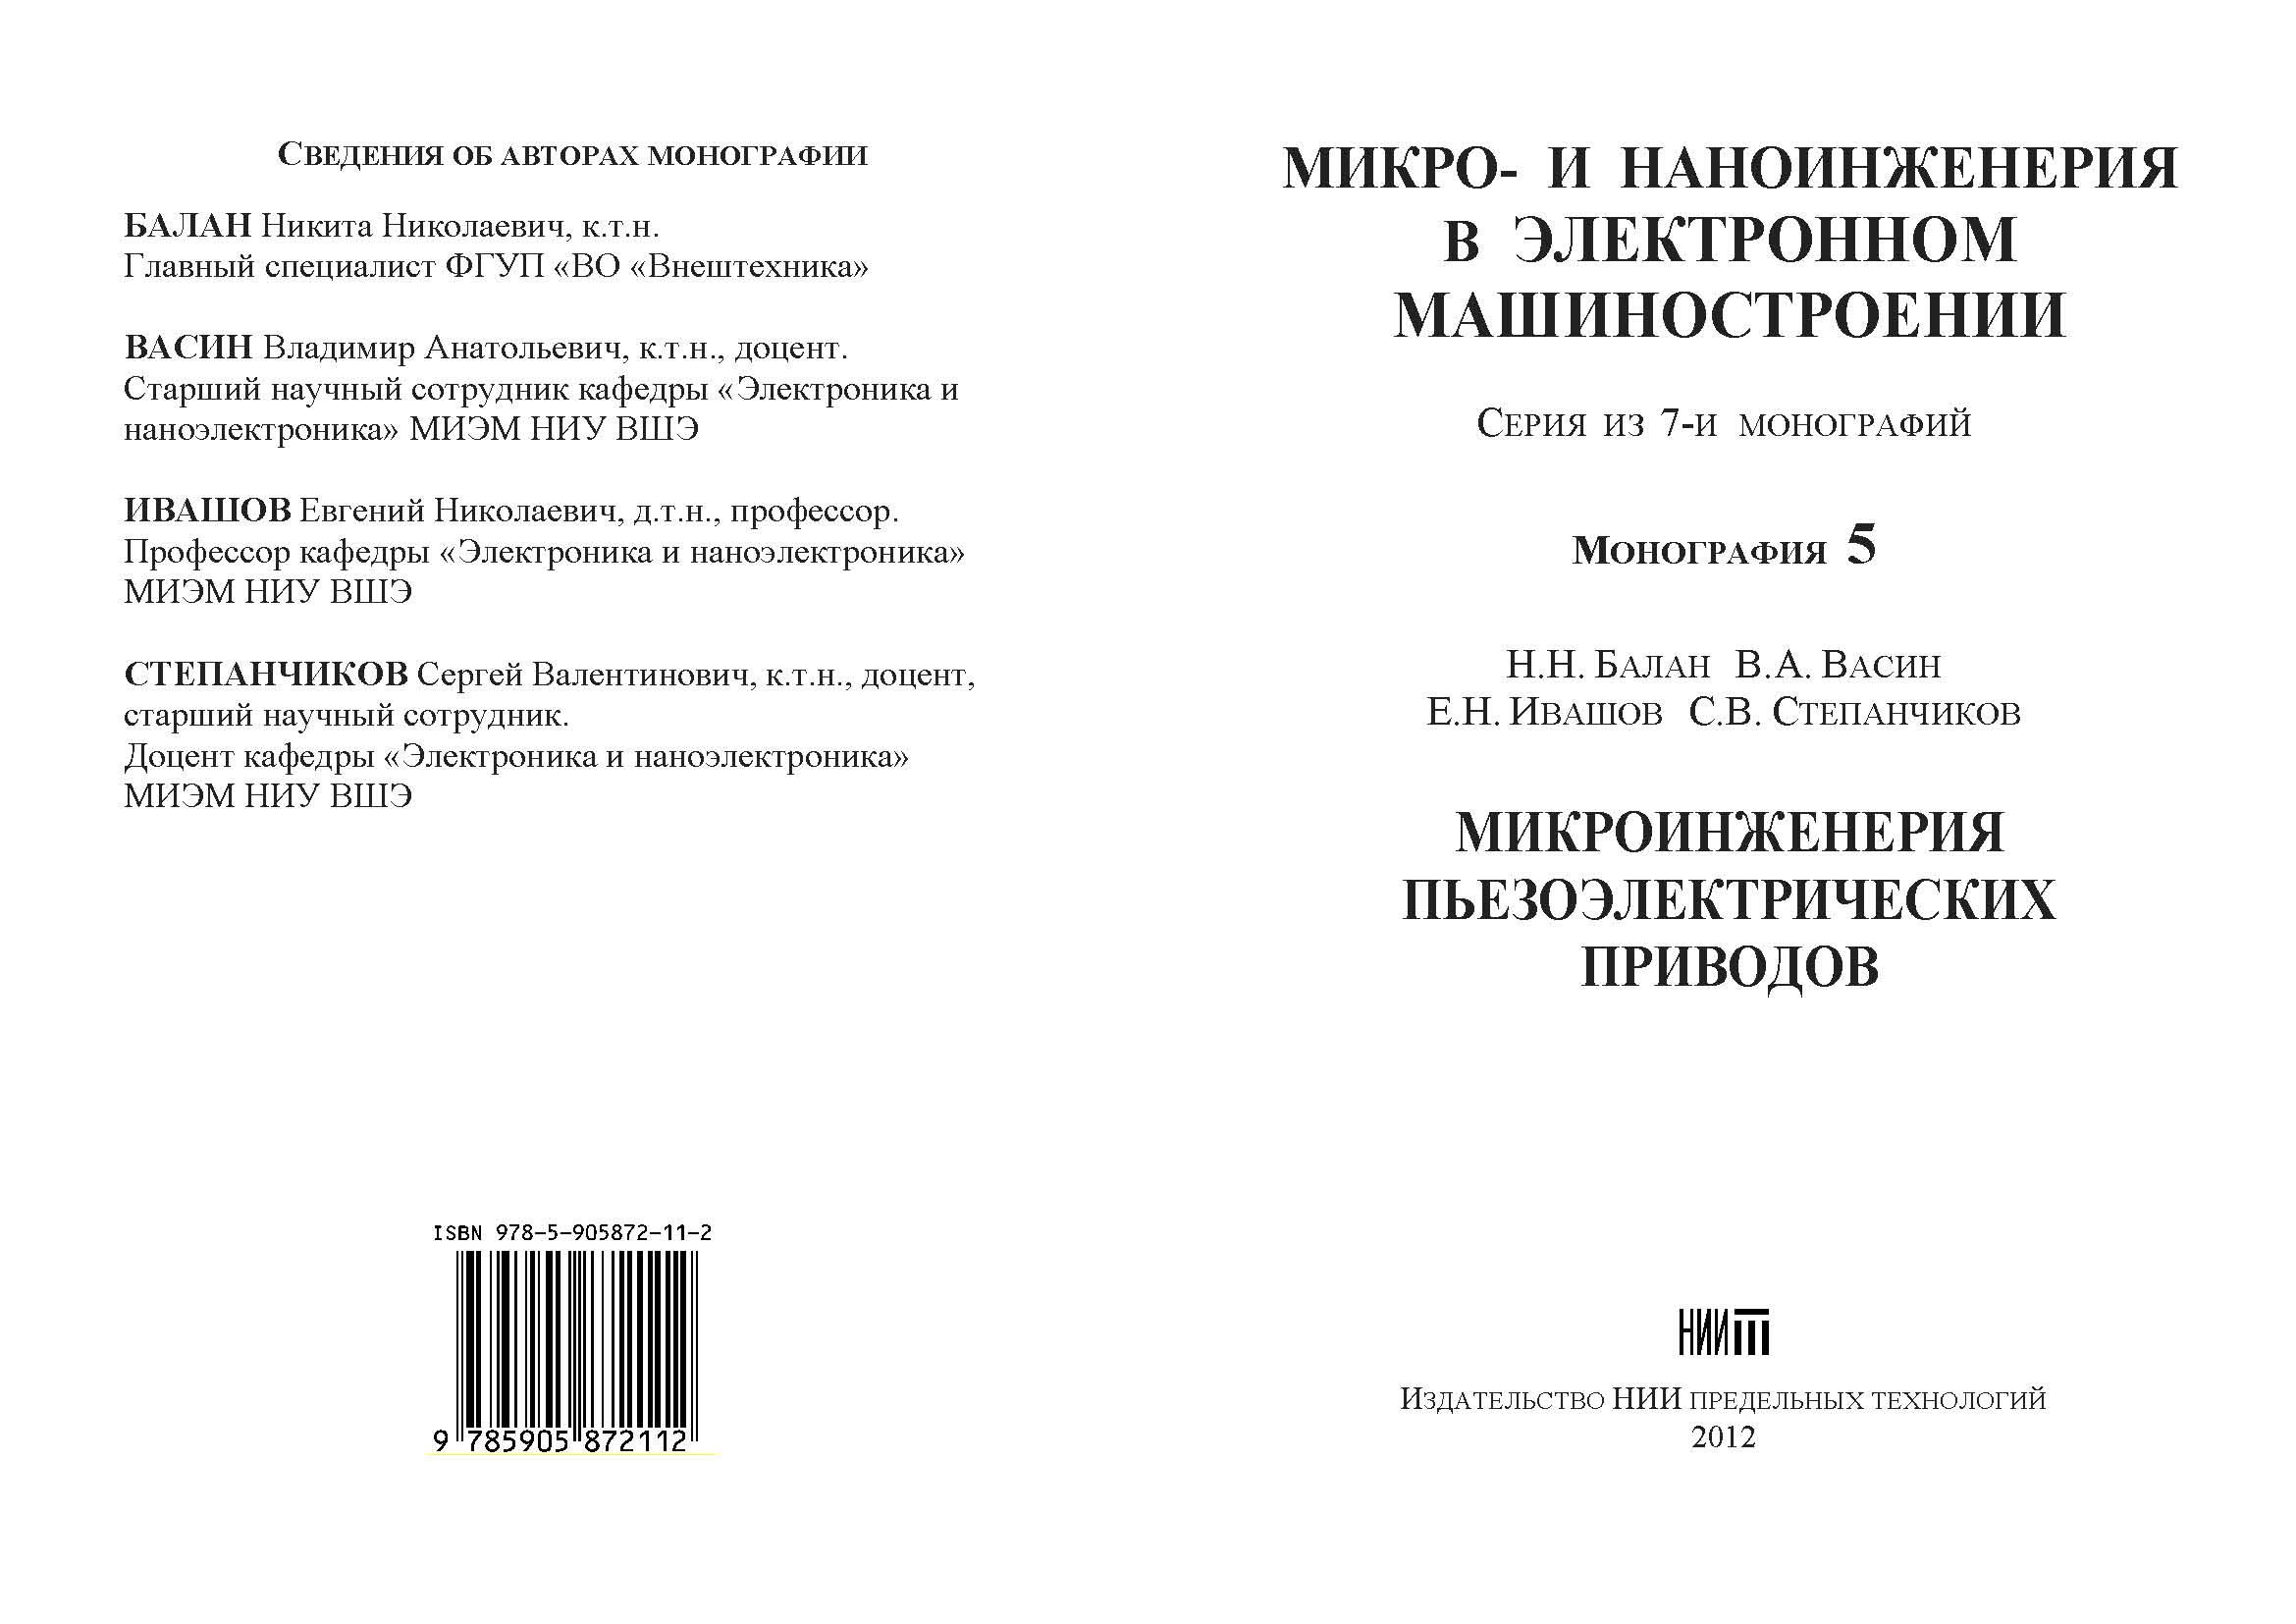 Микро- и наноинженерия в электронном машиностроении: Серия из 7-и монографий. Монография 5